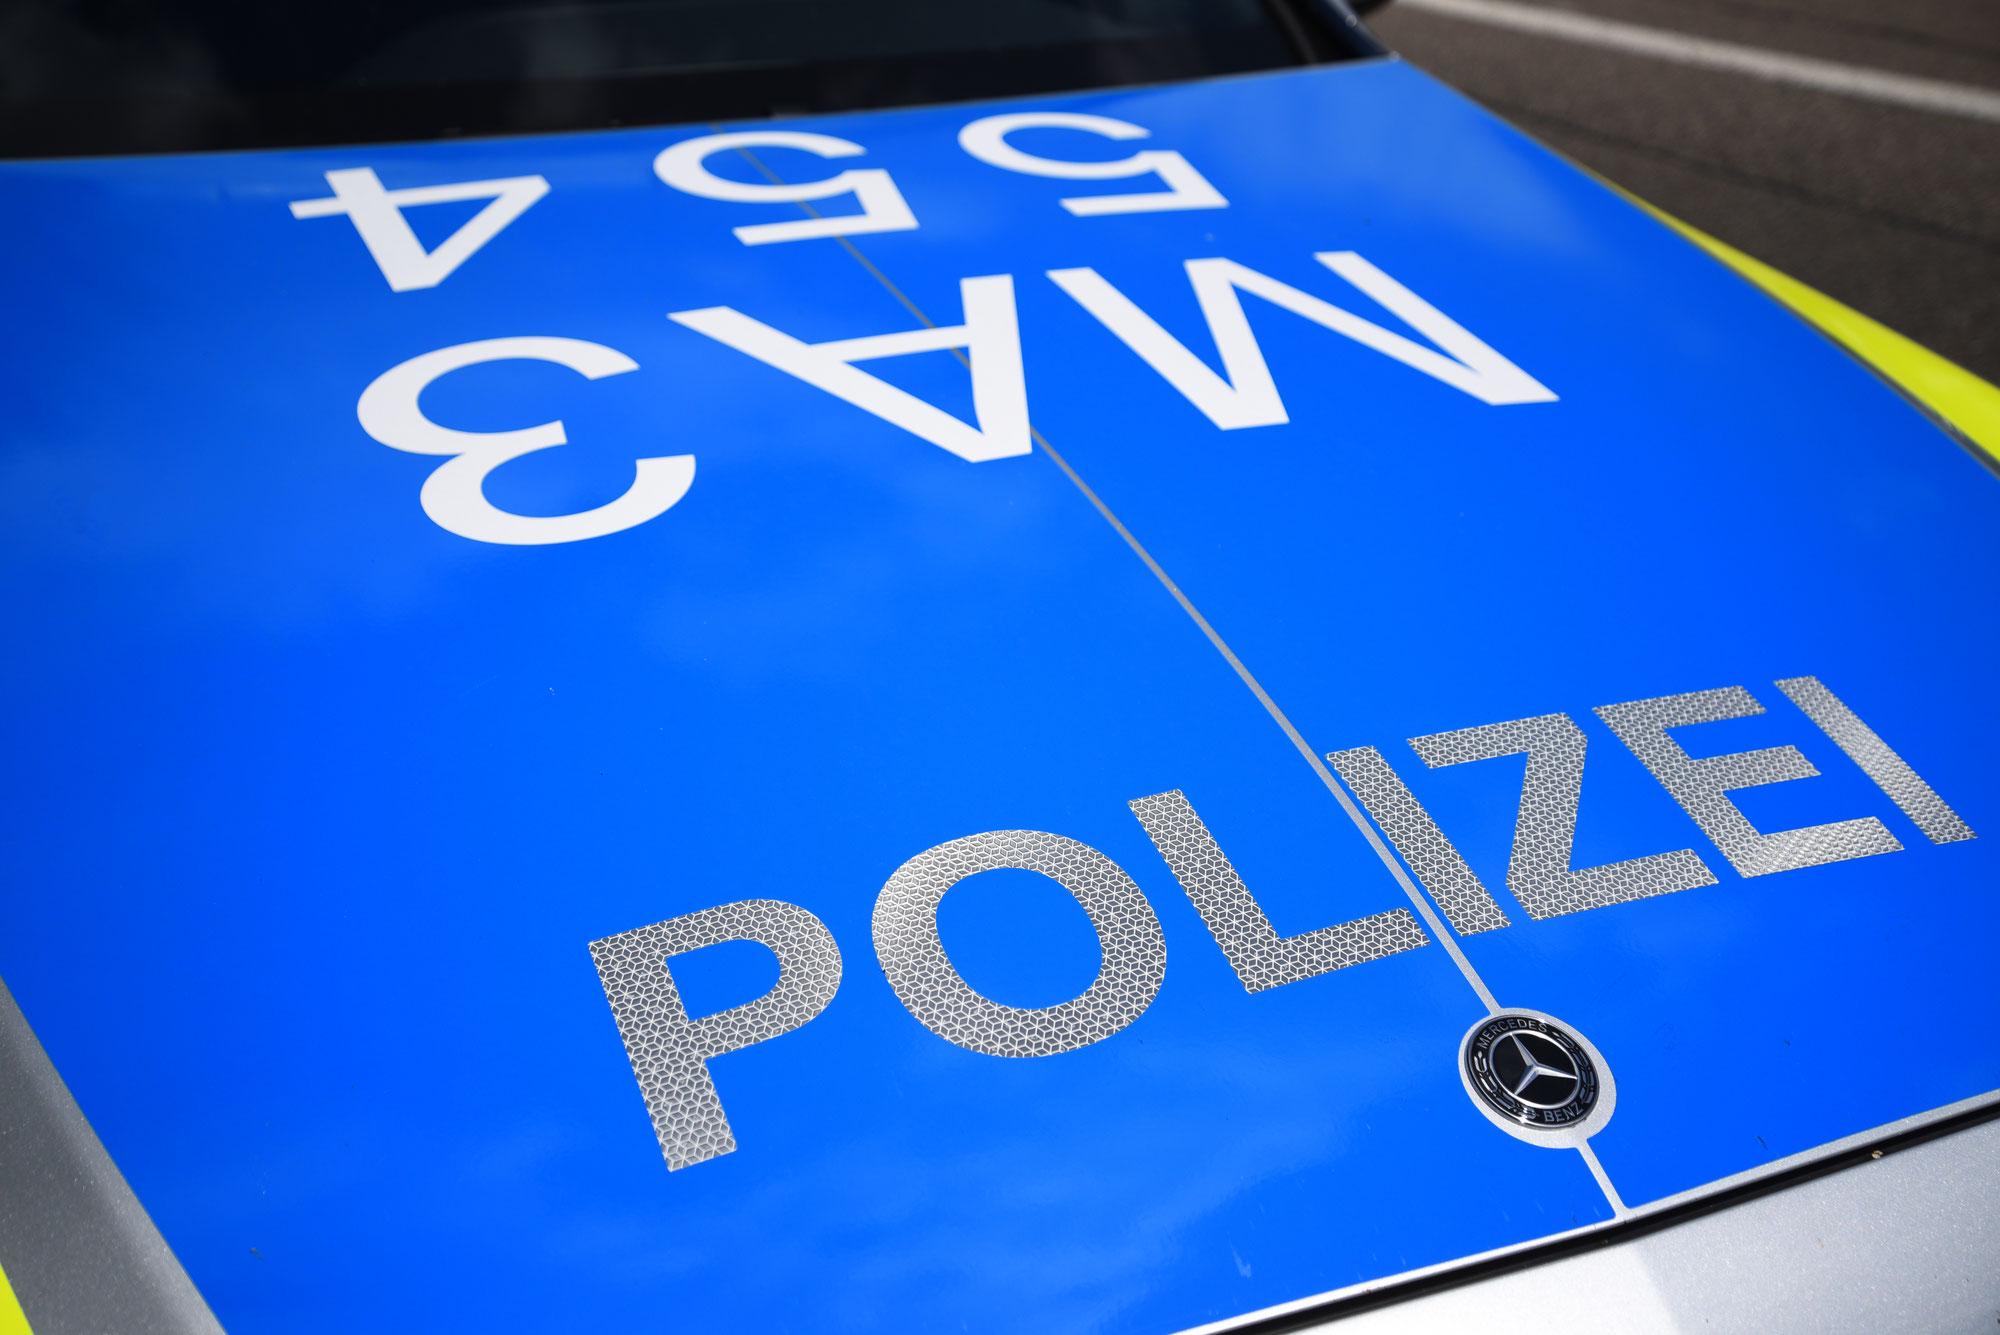 """Mannheim: """"Enkeltrick""""-Bande festgenommen - Staatsanwaltschaft Mannheim erwirkt Haftbefehle gegen bundesweit agierende Betrüger"""